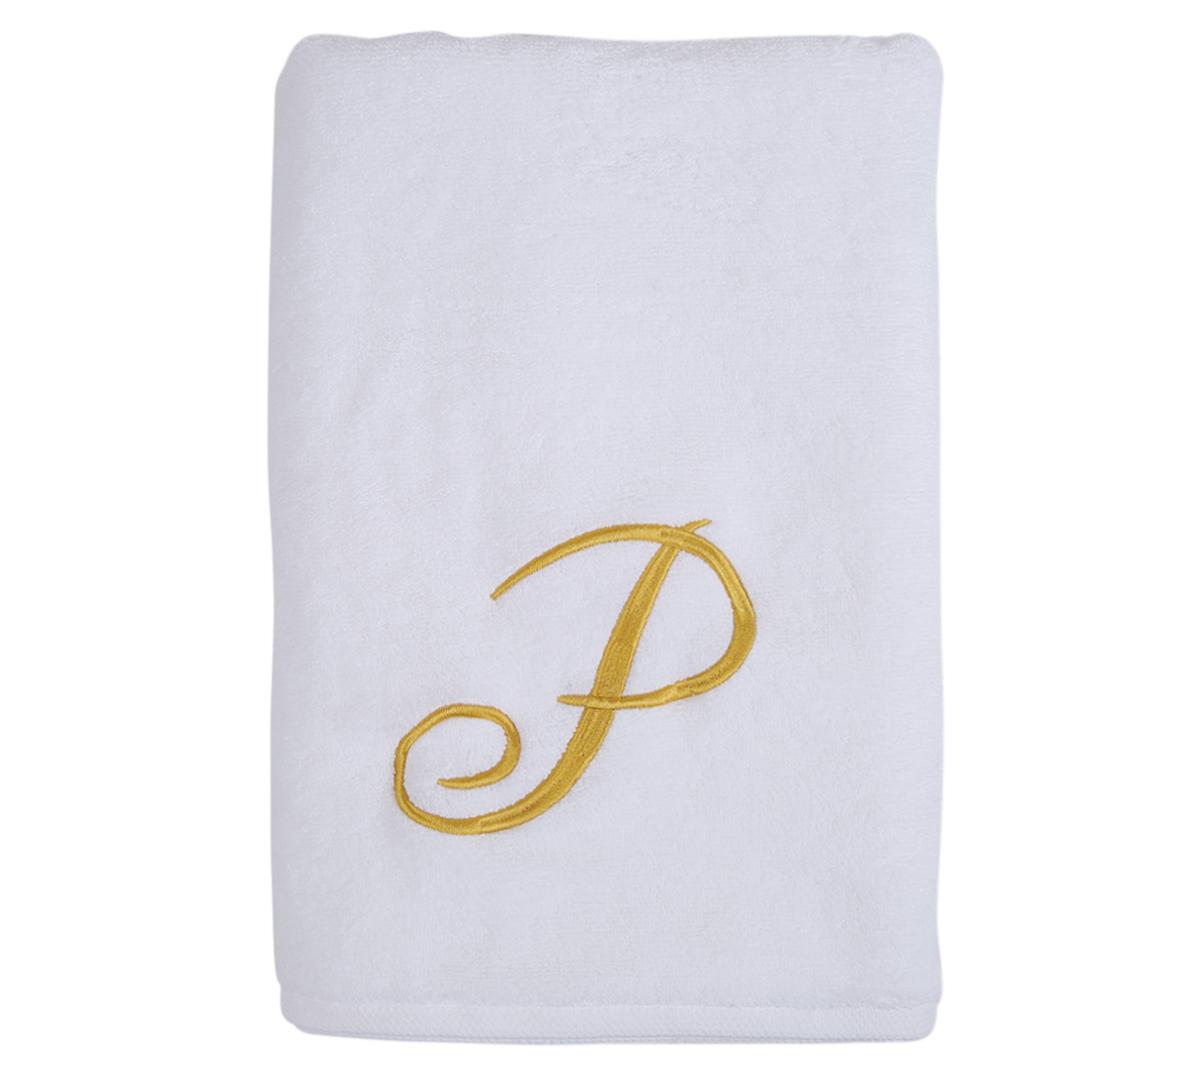 Alphabet Bath Towel 70x140cm Letter P